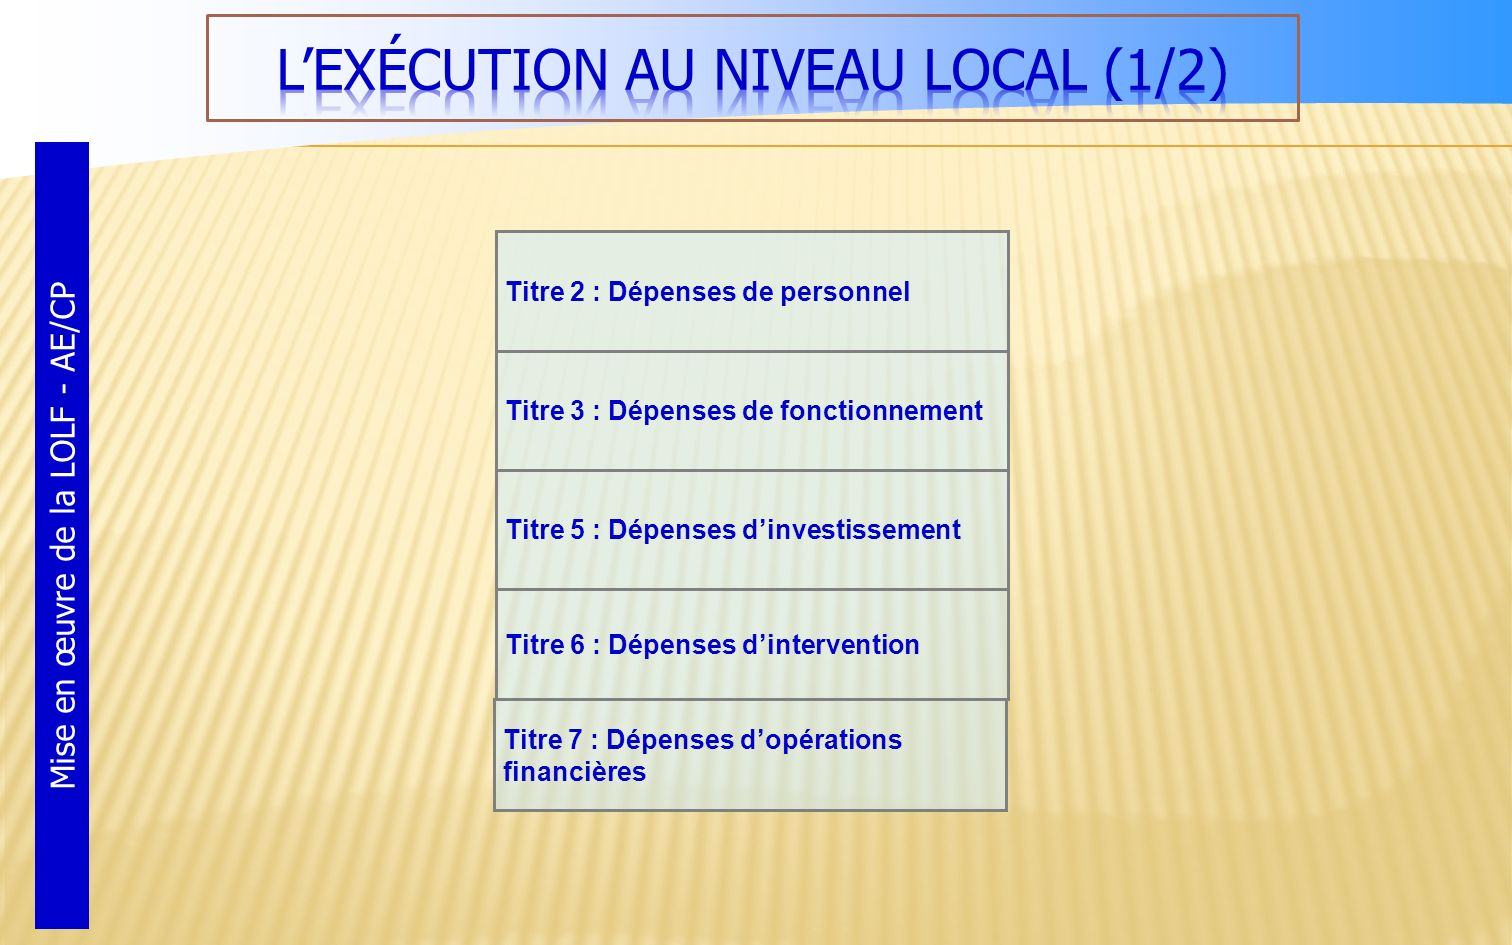 L'exécution au niveau local (1/2)